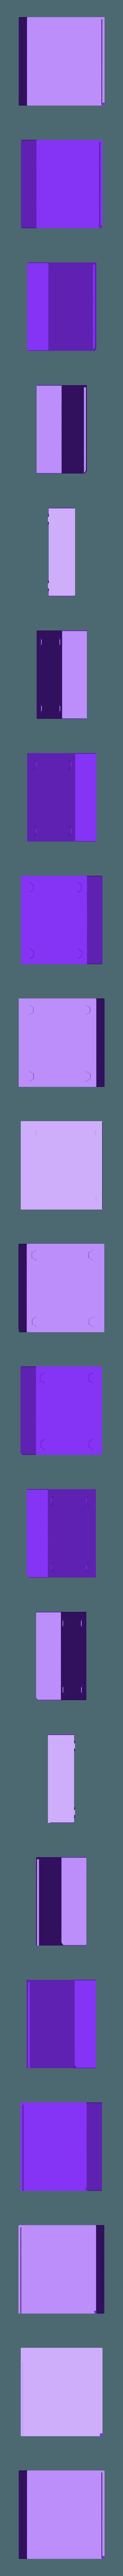 base.stl Télécharger fichier STL gratuit Mini Bureau • Modèle pour imprimante 3D, LnZProd